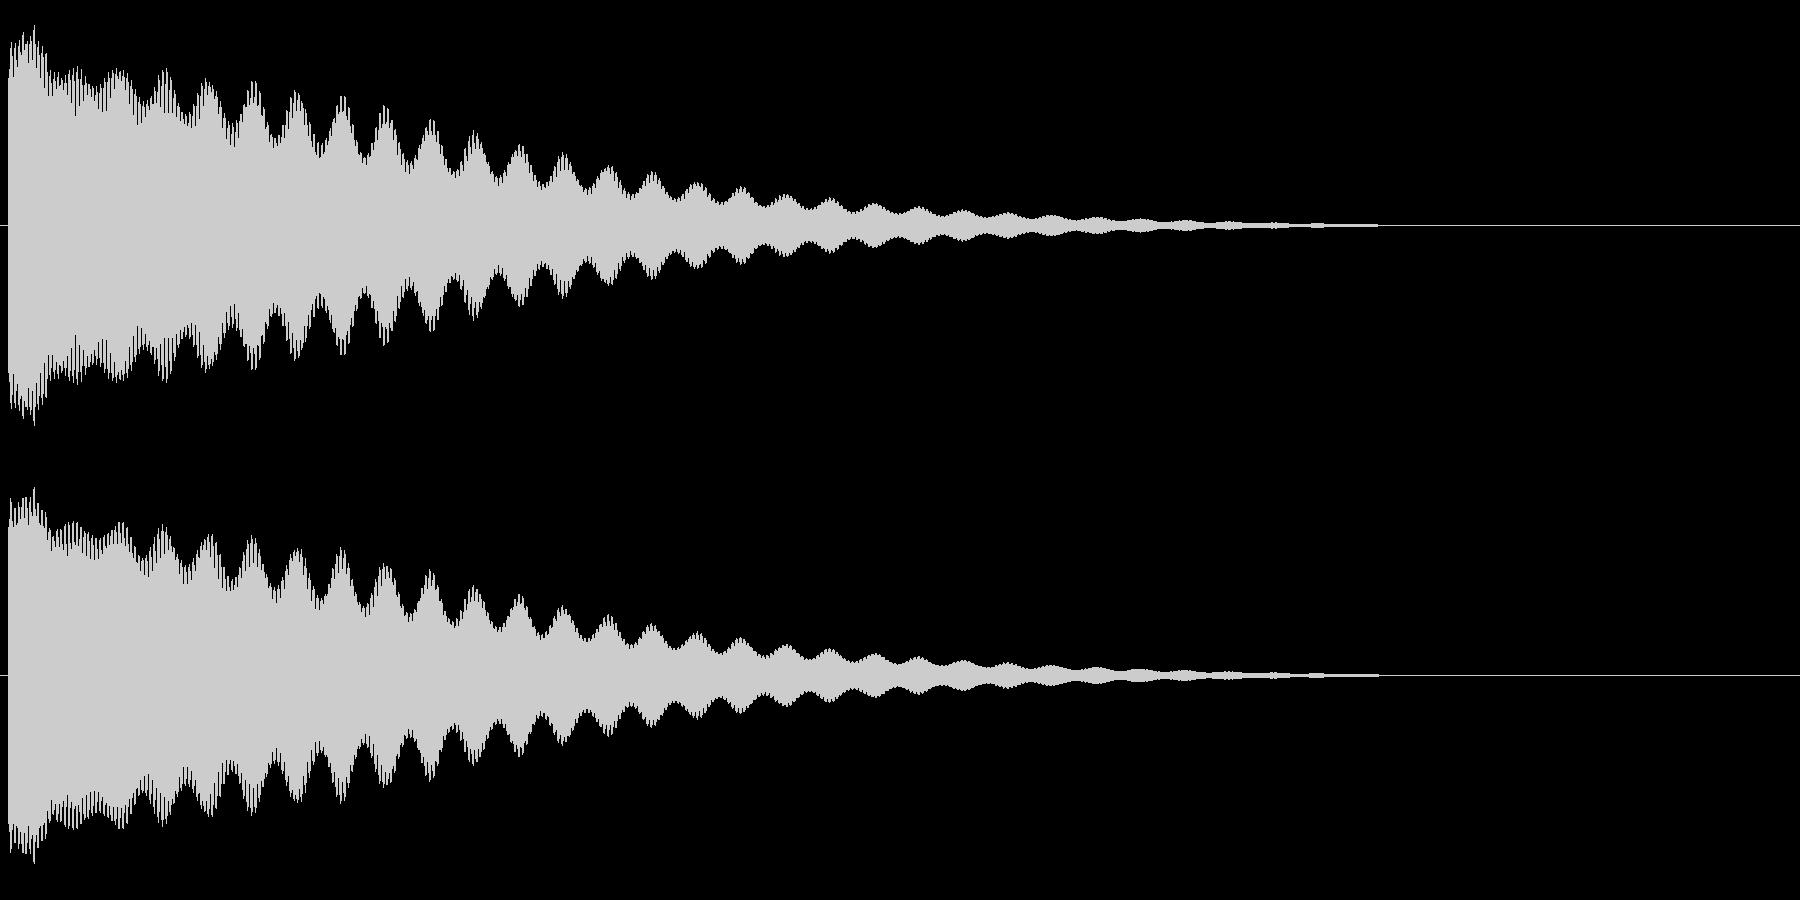 チーン/お鈴/仏壇/仏具/低いの未再生の波形